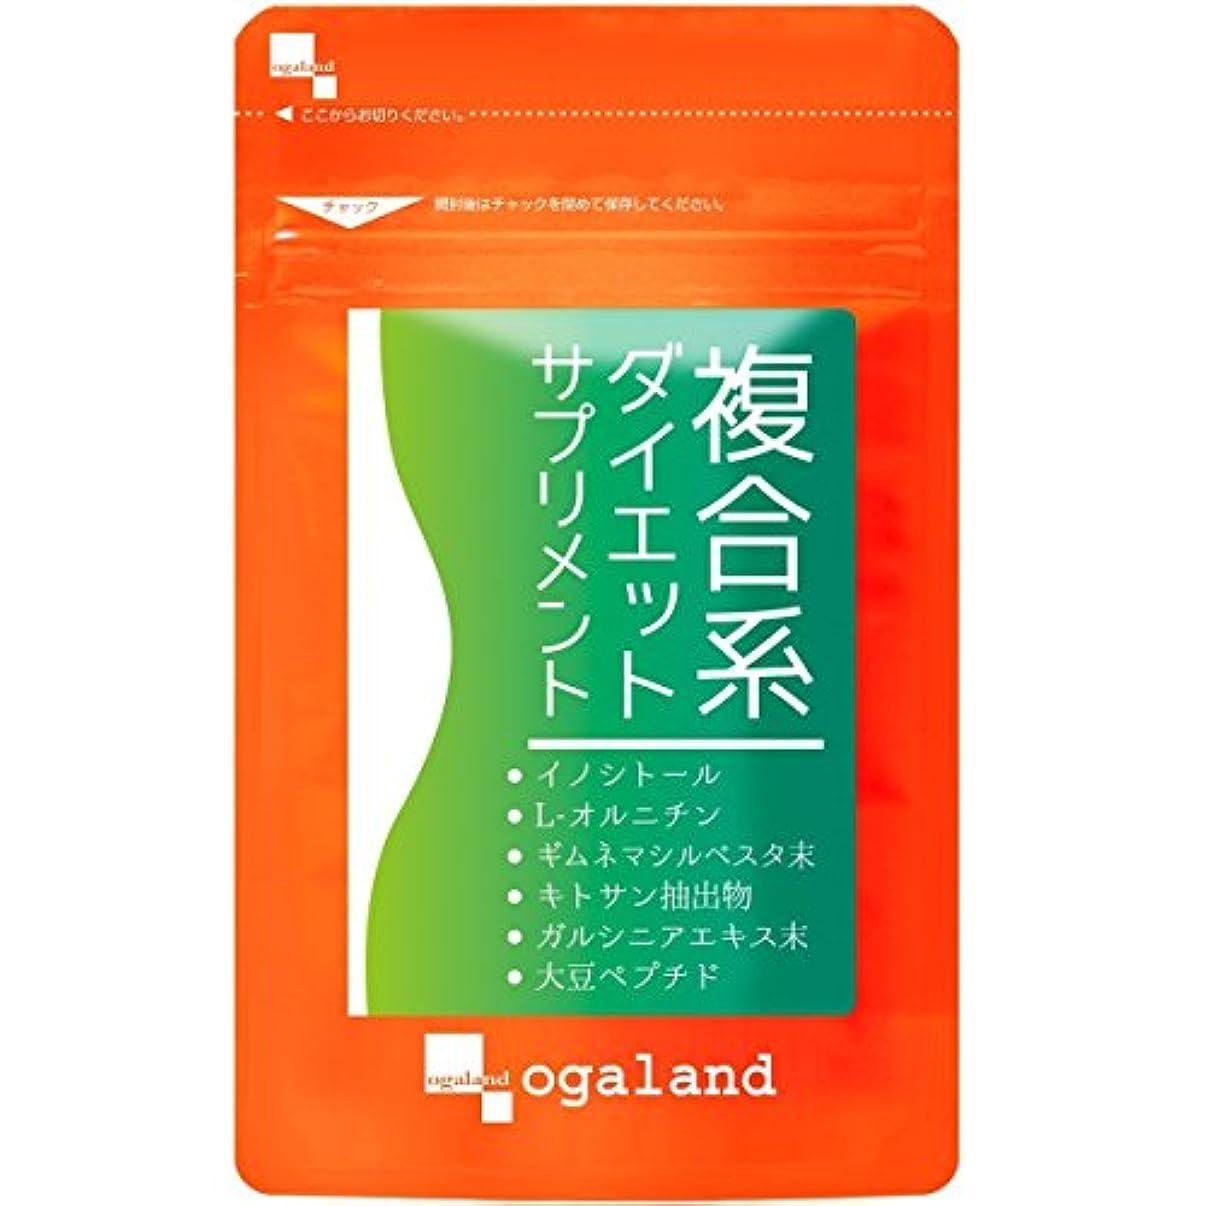 リーダーシップ壁レスリング【Amazon.co.jp限定】複合系ダイエットサプリメント 90粒